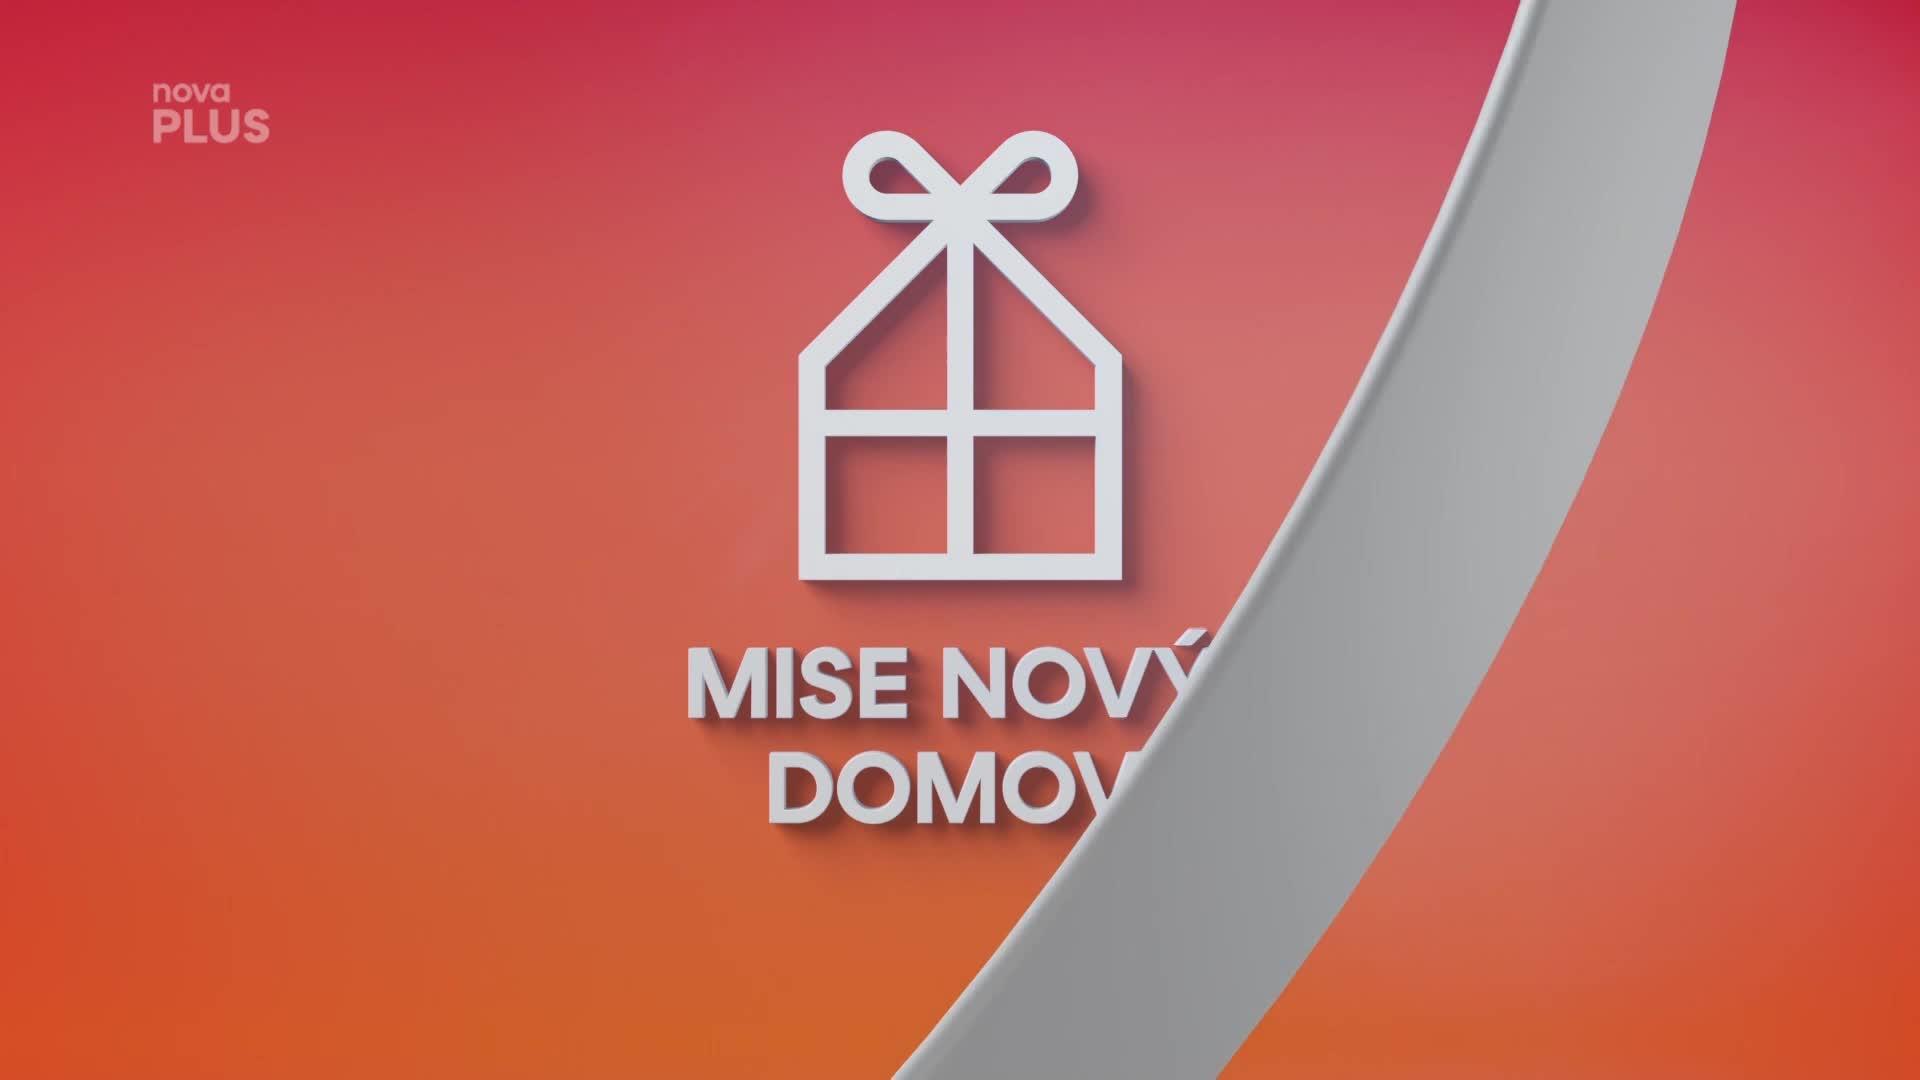 Bonusové reportáže 2021 Mise nový domov - Vězněm ve vlastním těle - ukázka 1 B099513